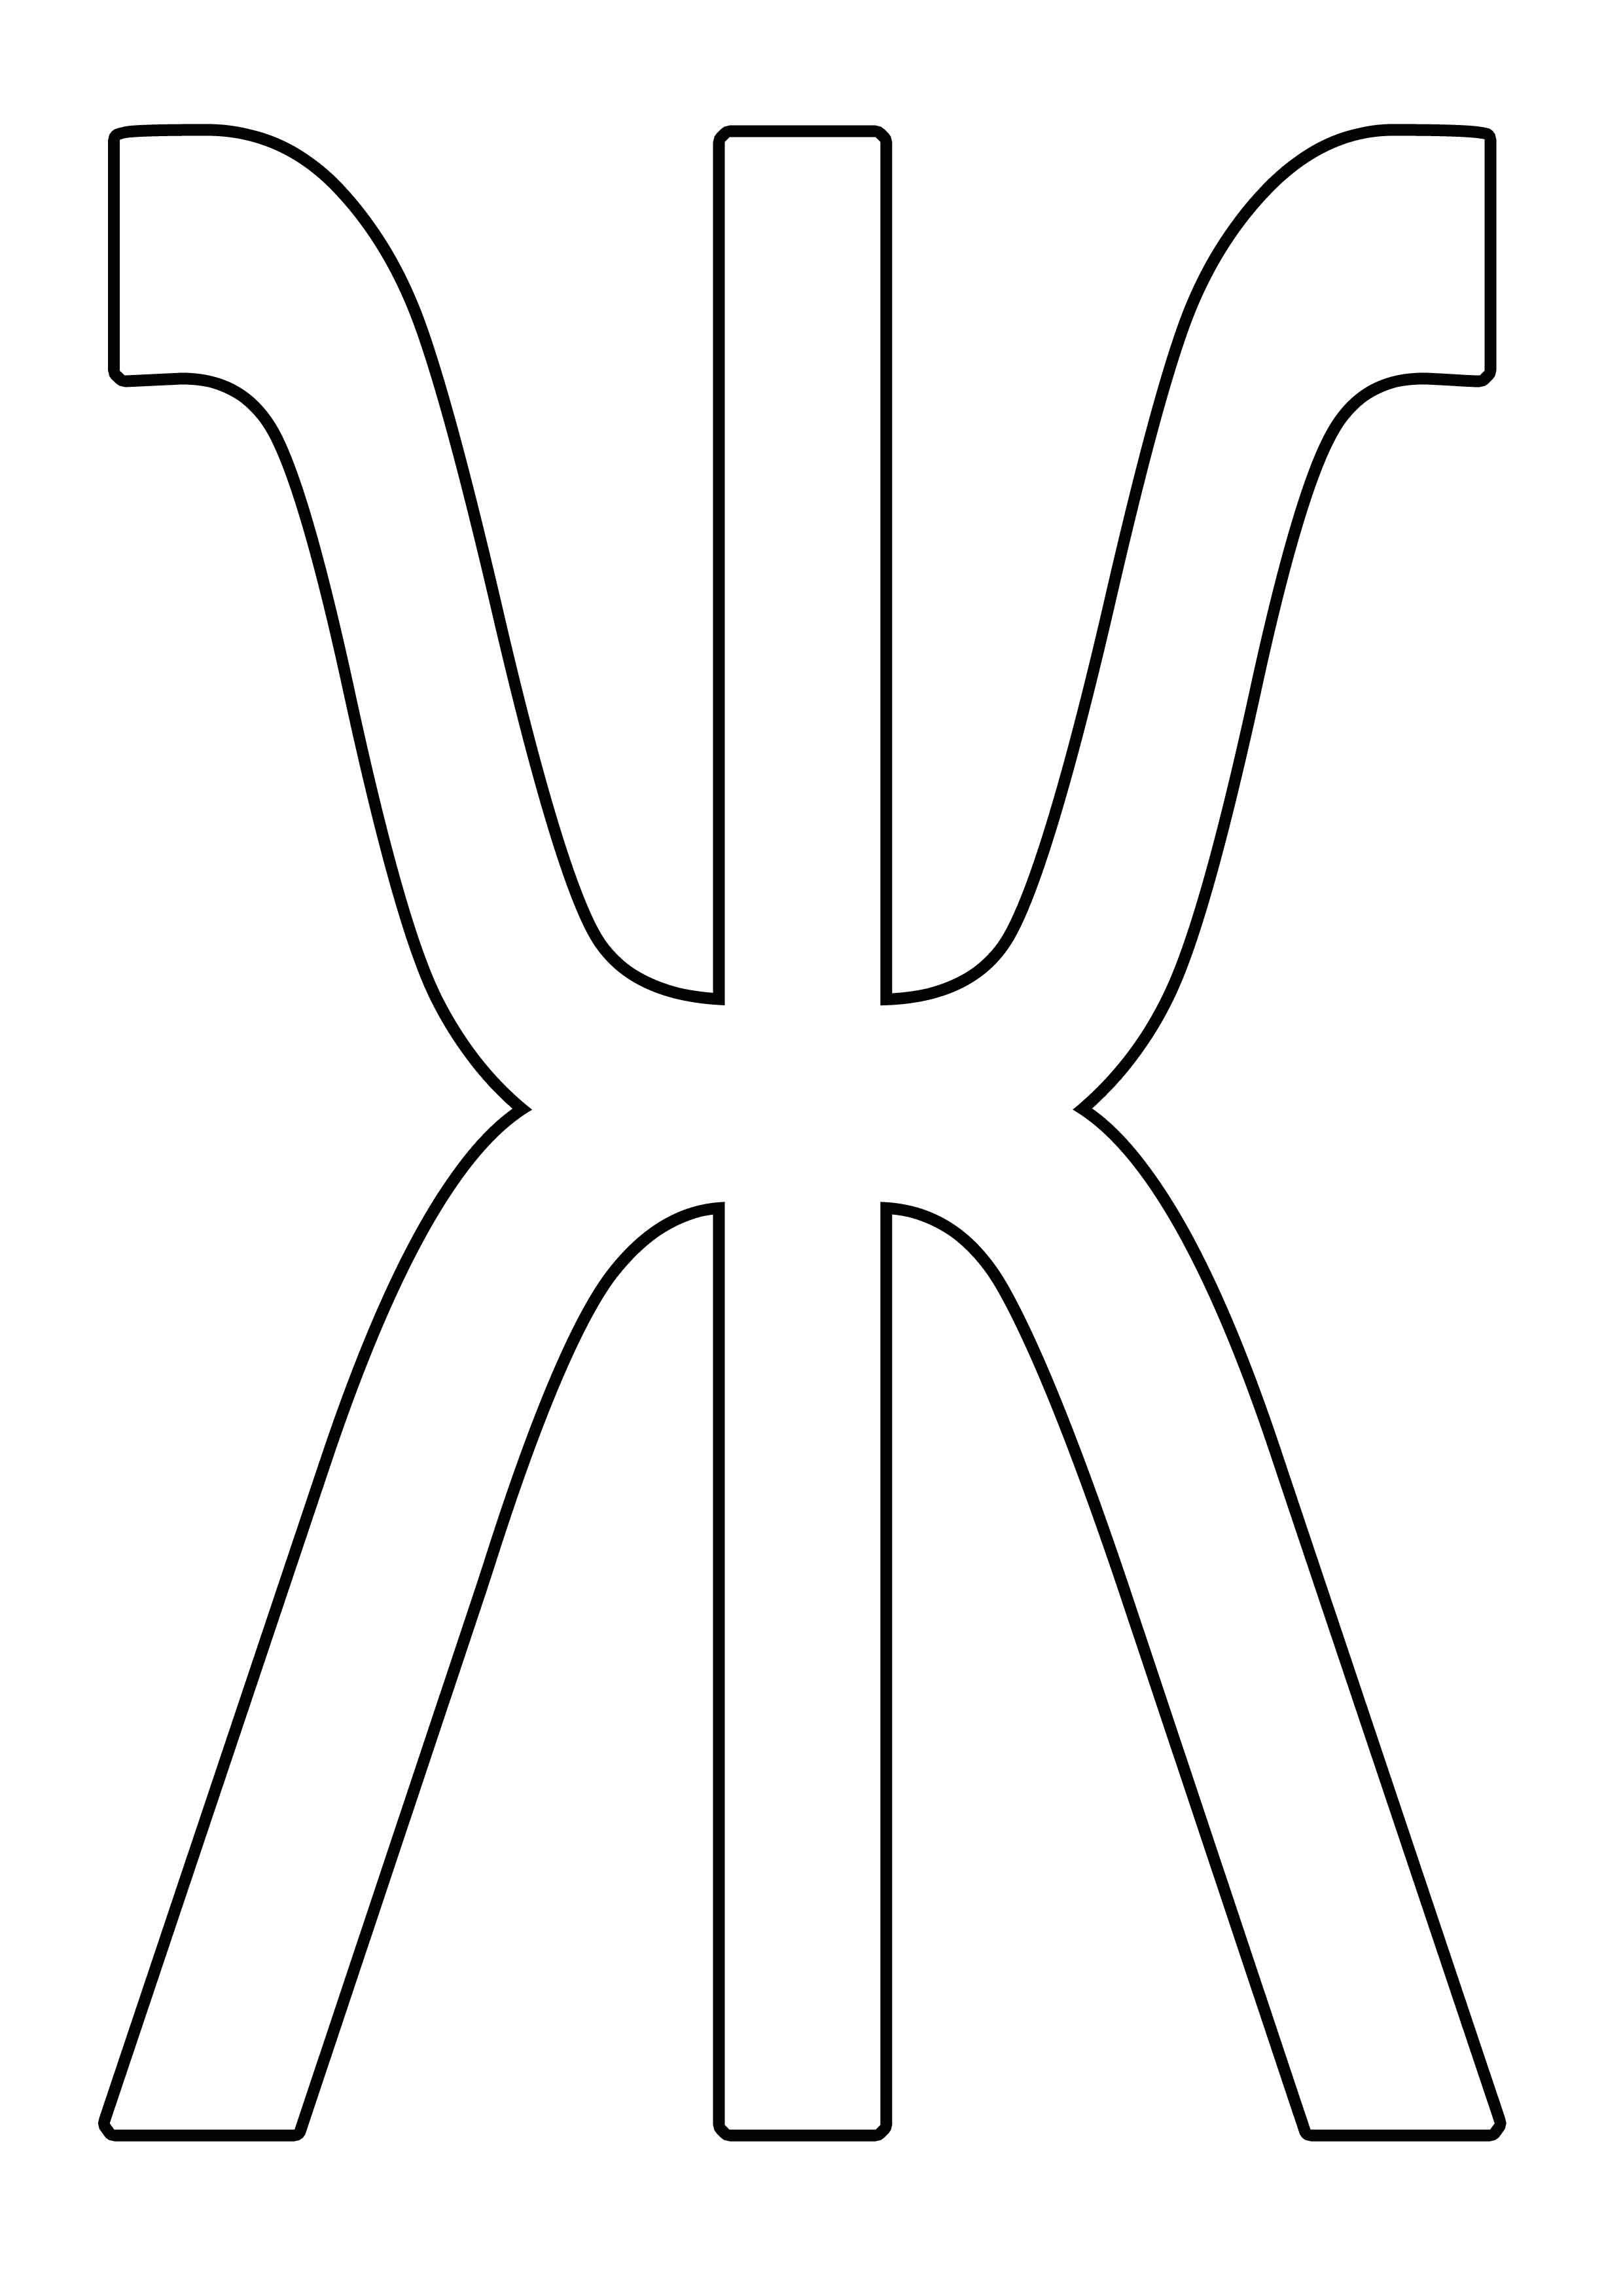 Раскраски буквы з